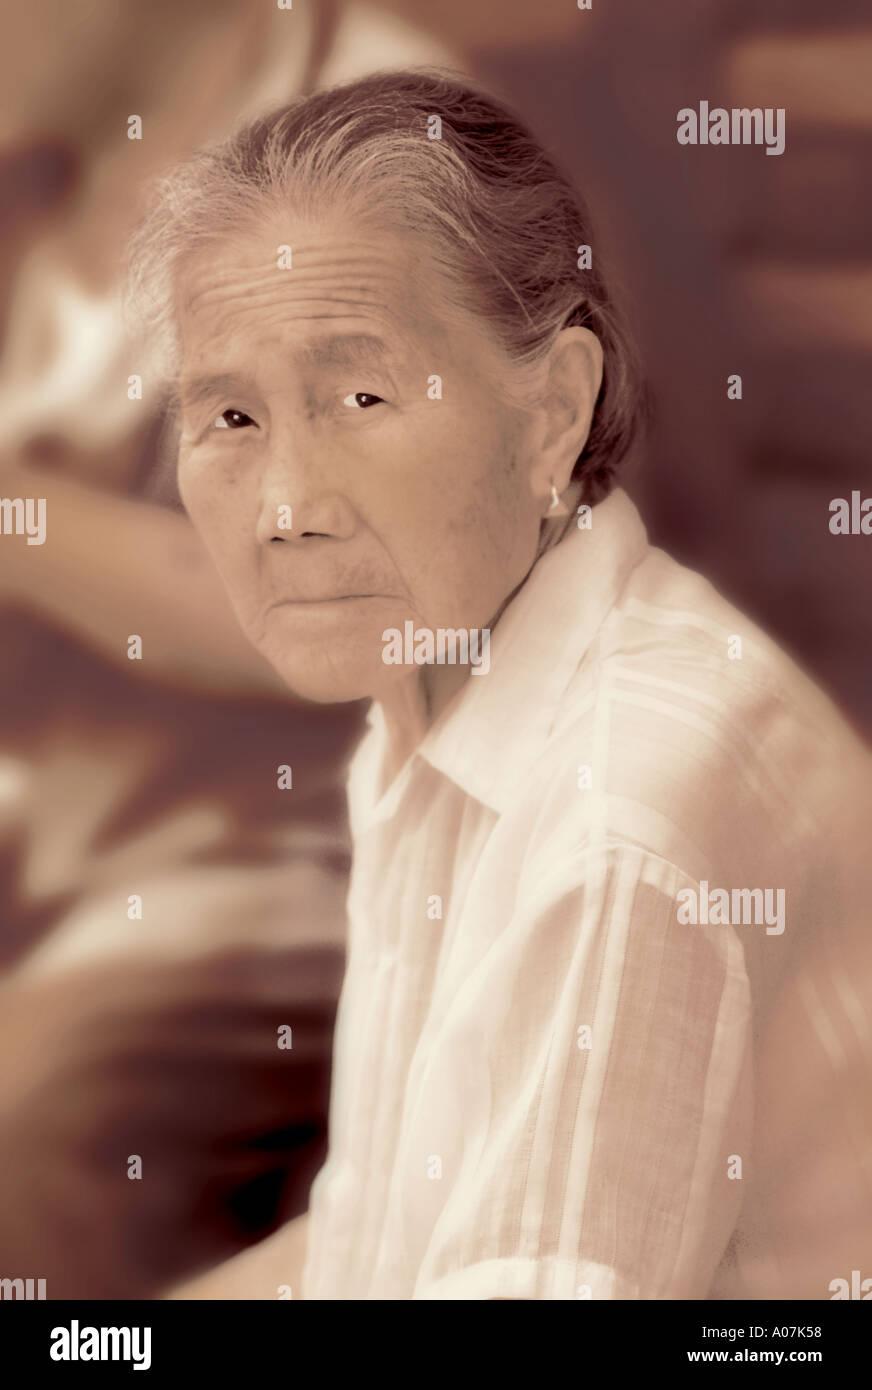 Village, hat, Horizontal, Looking at Camera, à l'extérieur, 70, Asie, Vue de face, la tête et épaules, sérieux, la Chine, le chinois Ethni Photo Stock